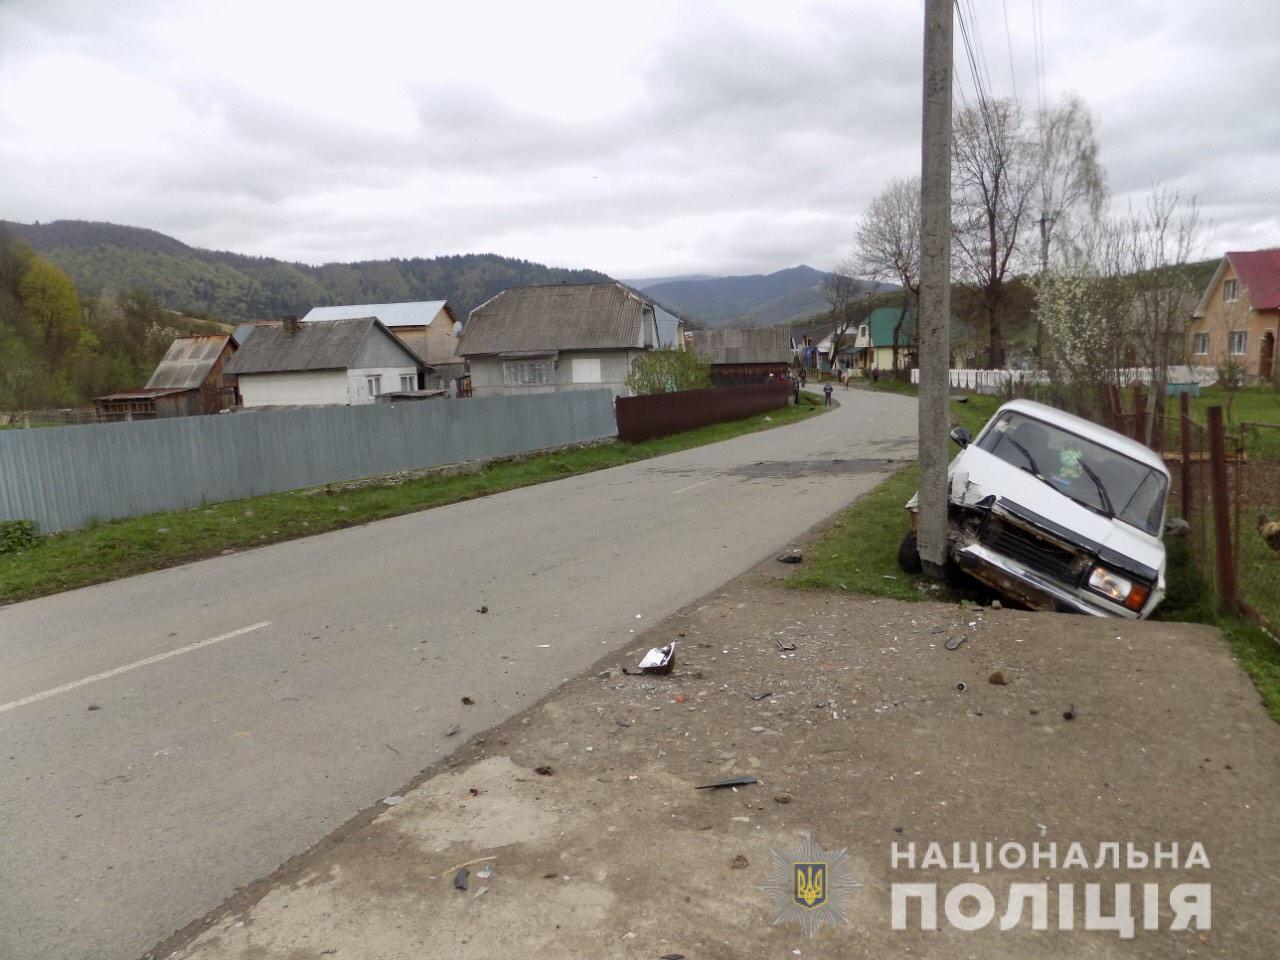 П'яний водій збив жінку, що йшла узбіччям і, тікаючи, врізався в електростовп